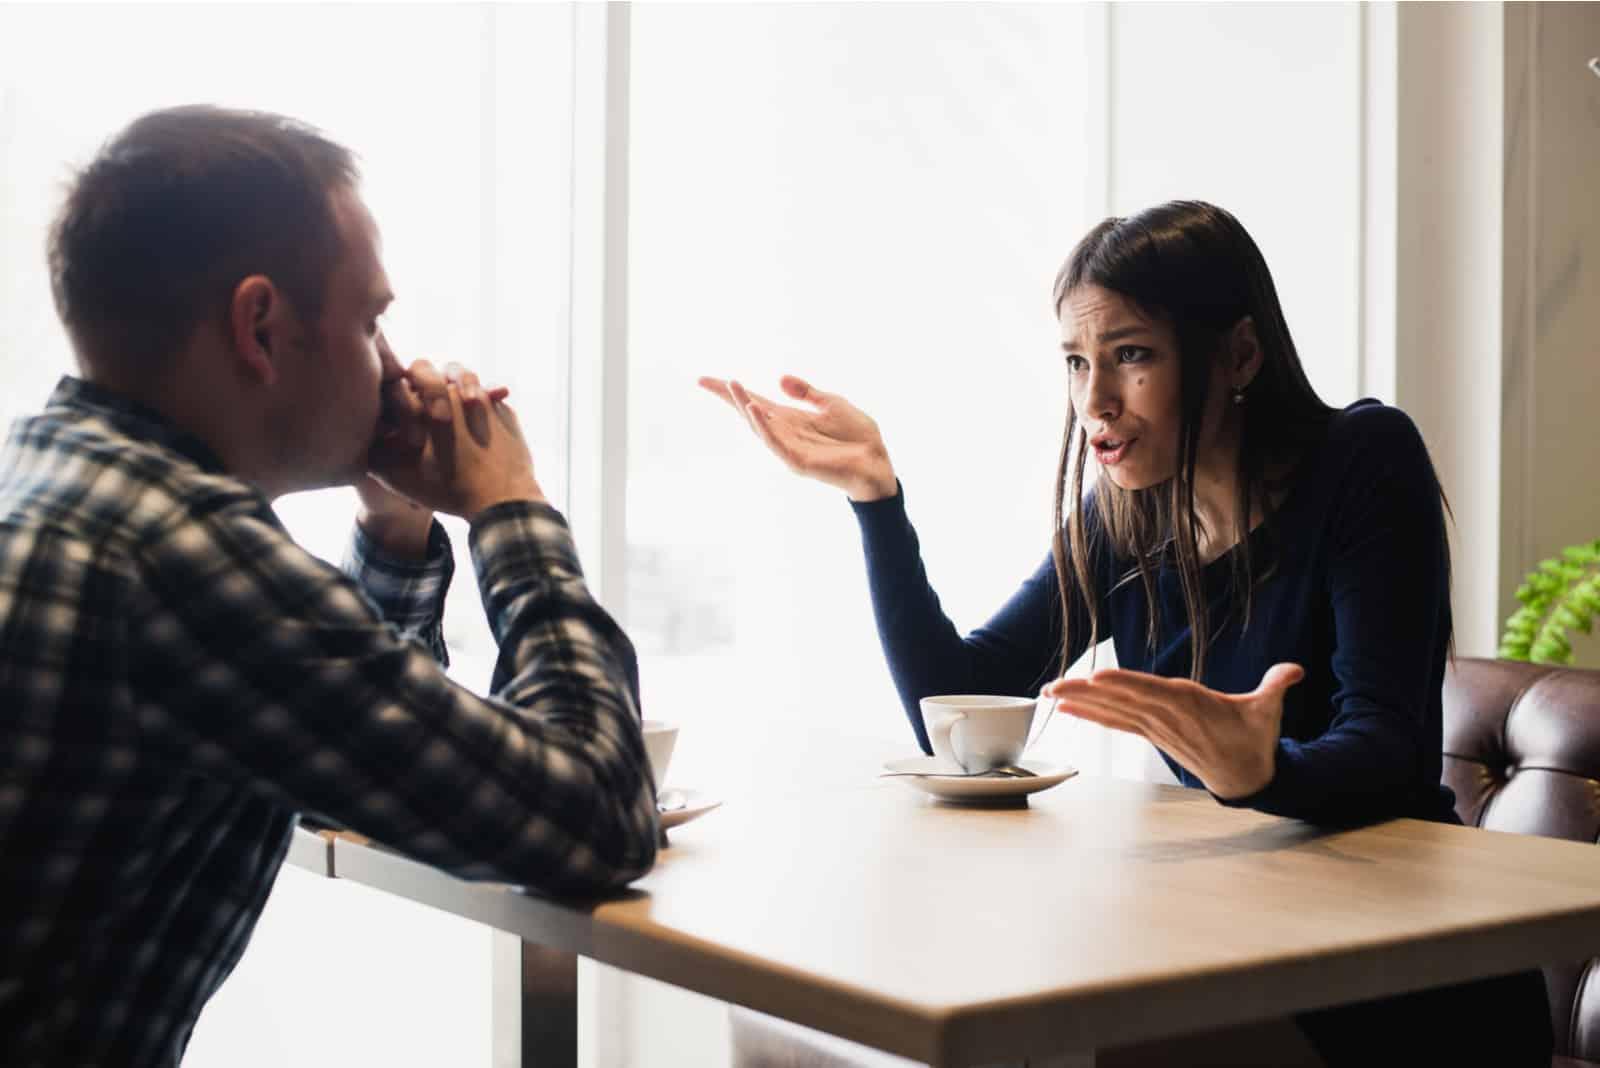 Ein Mann und eine Frau sitzen in einem Café und streiten sich